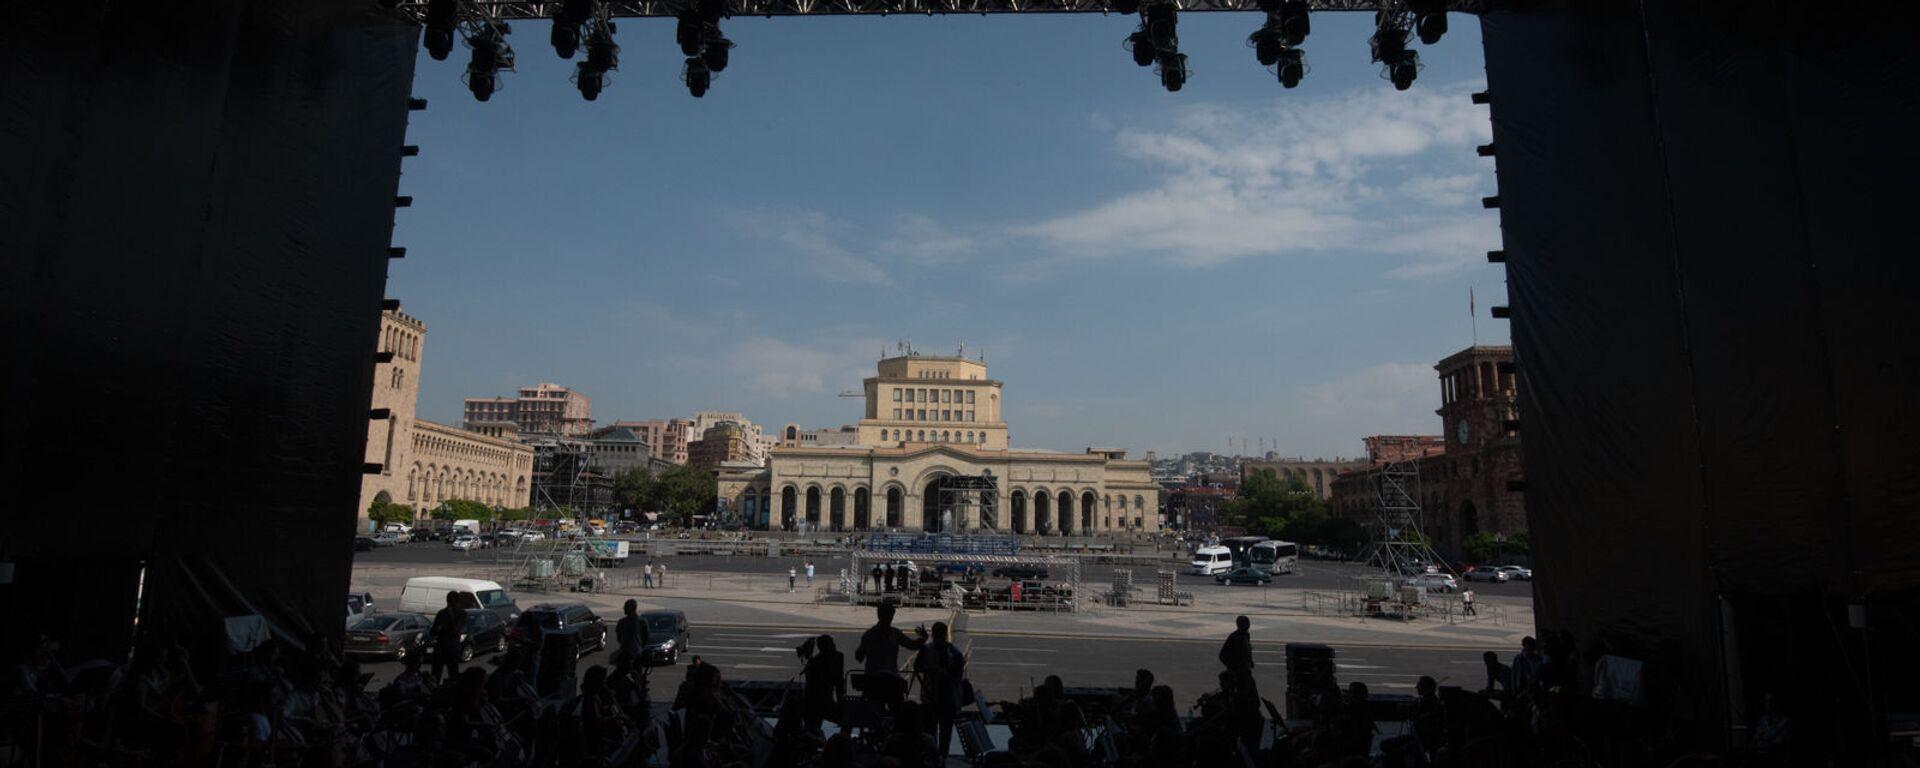 Генеральная репетиция оркестра WCIT перед концертом - Sputnik Армения, 1920, 14.09.2021